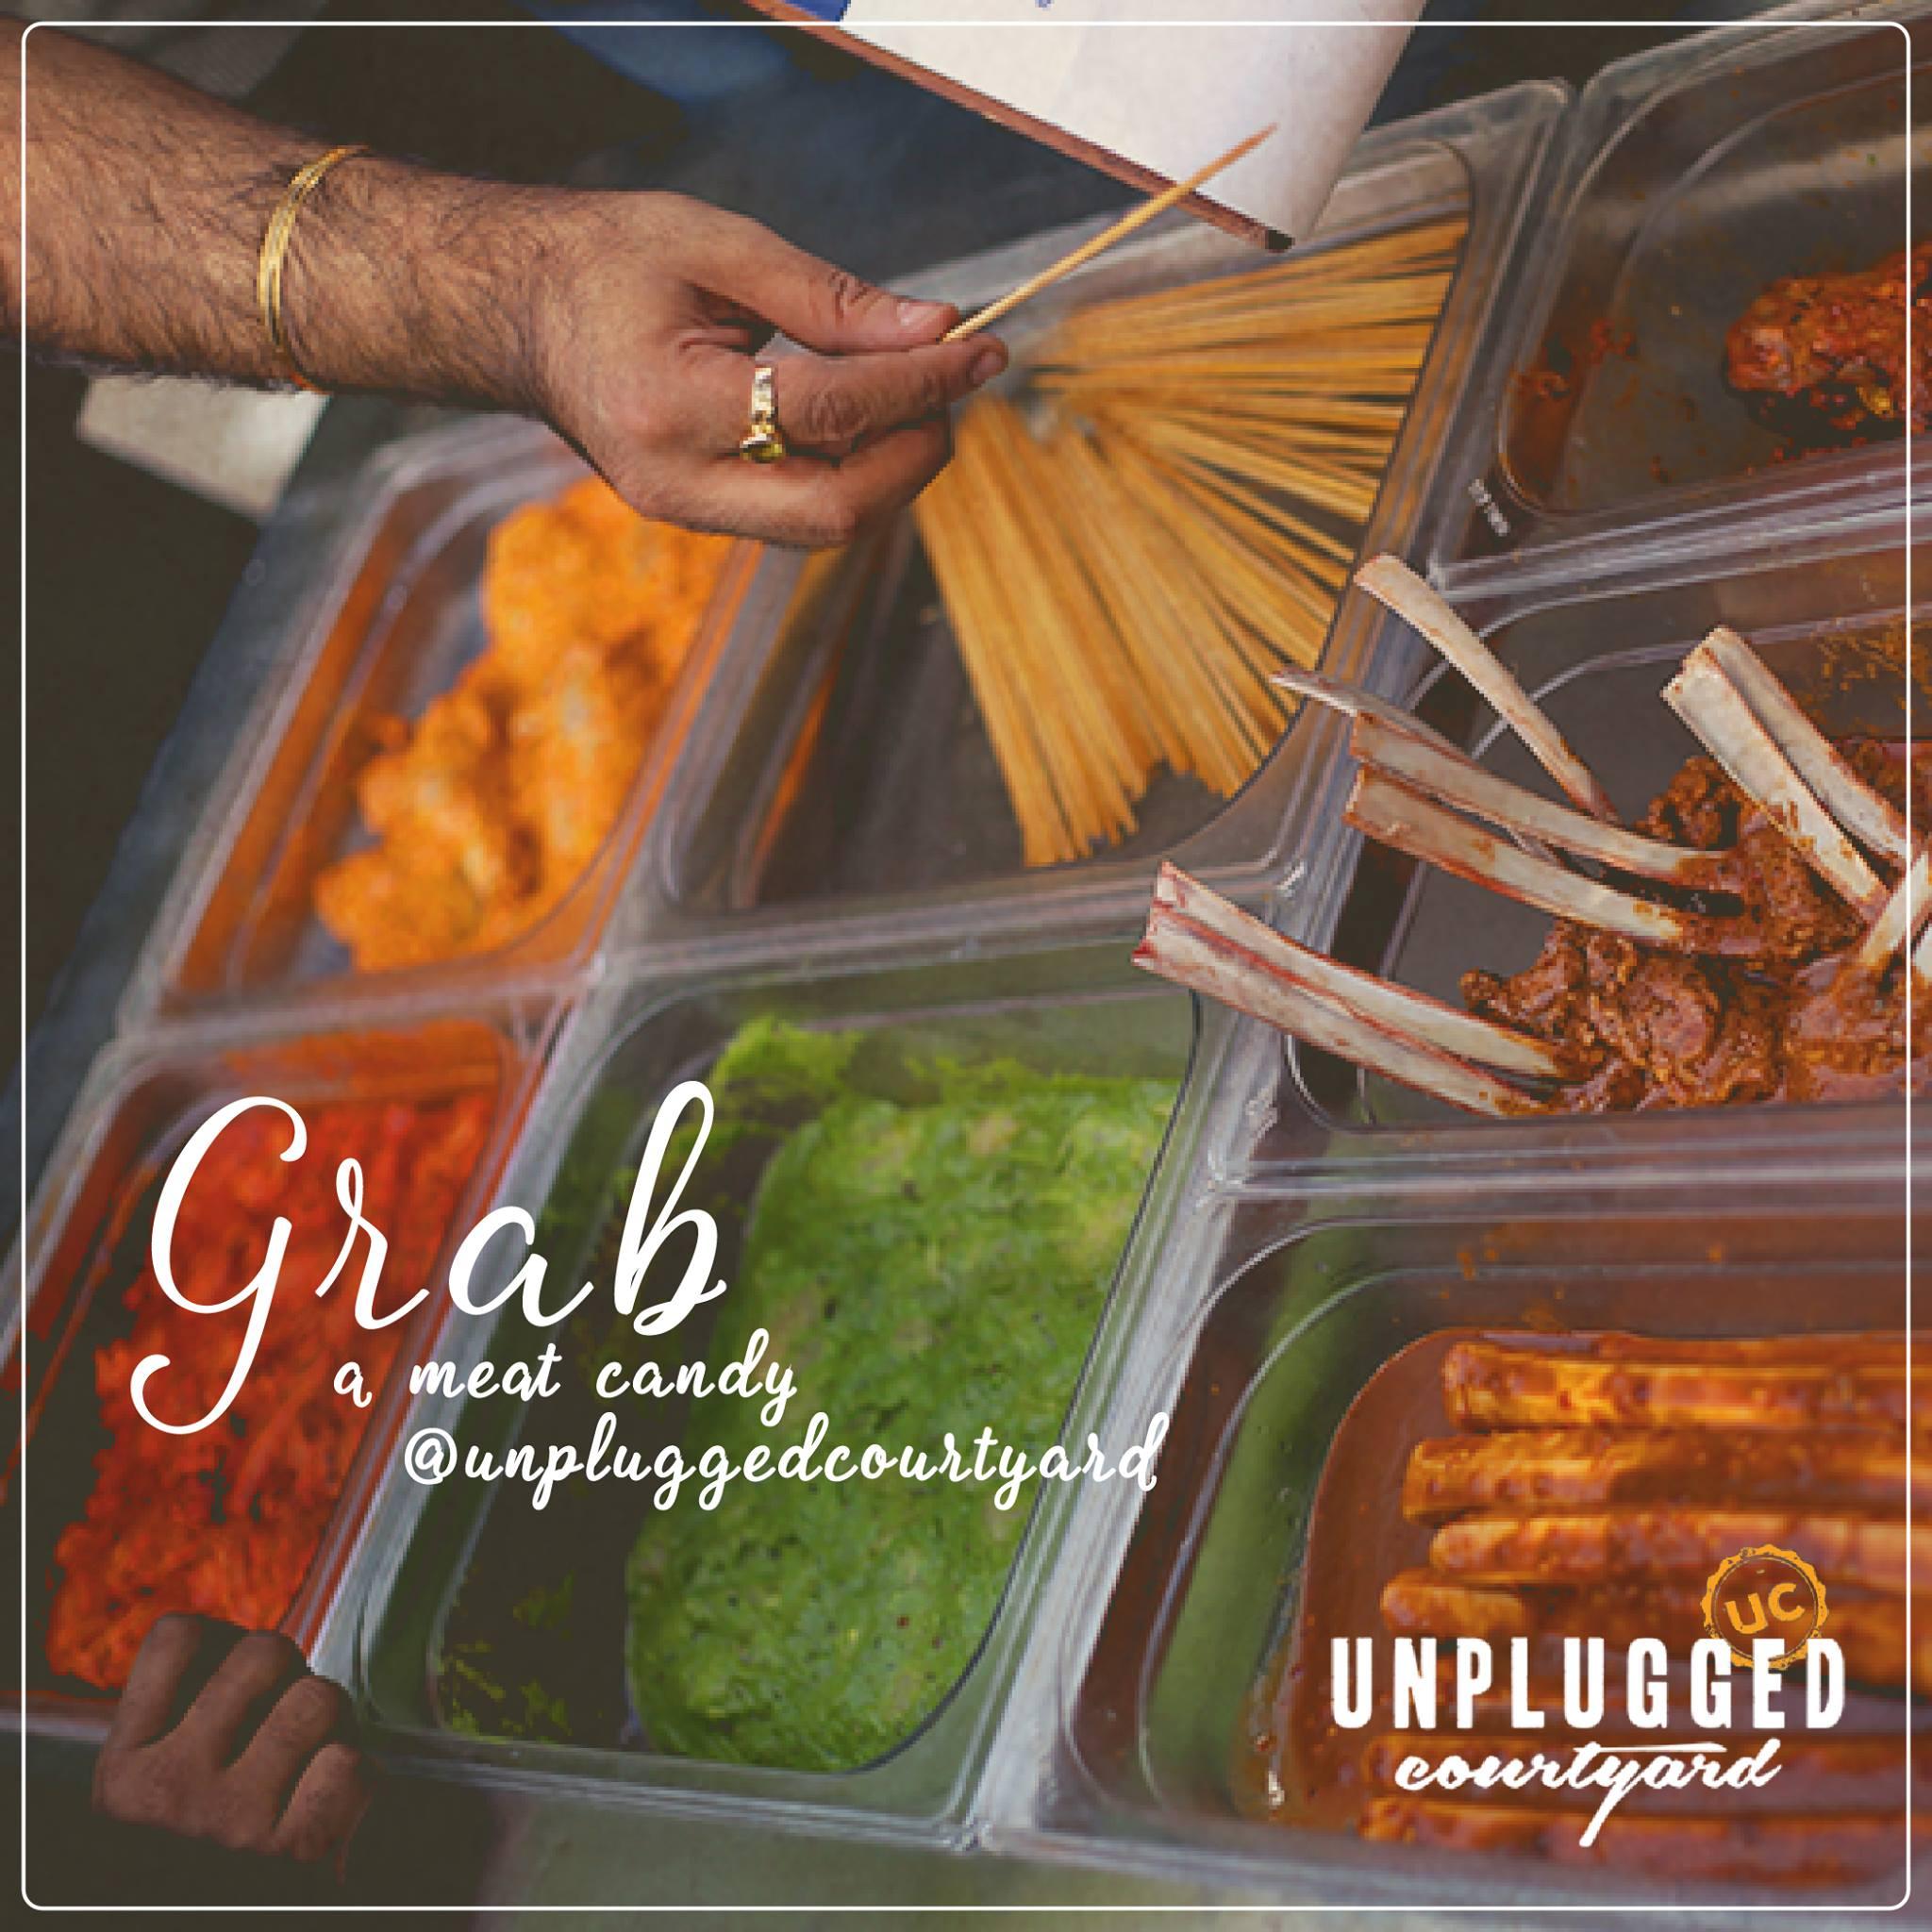 Ganna chicken from the braai at Delhi's Unplugged Courtyard.